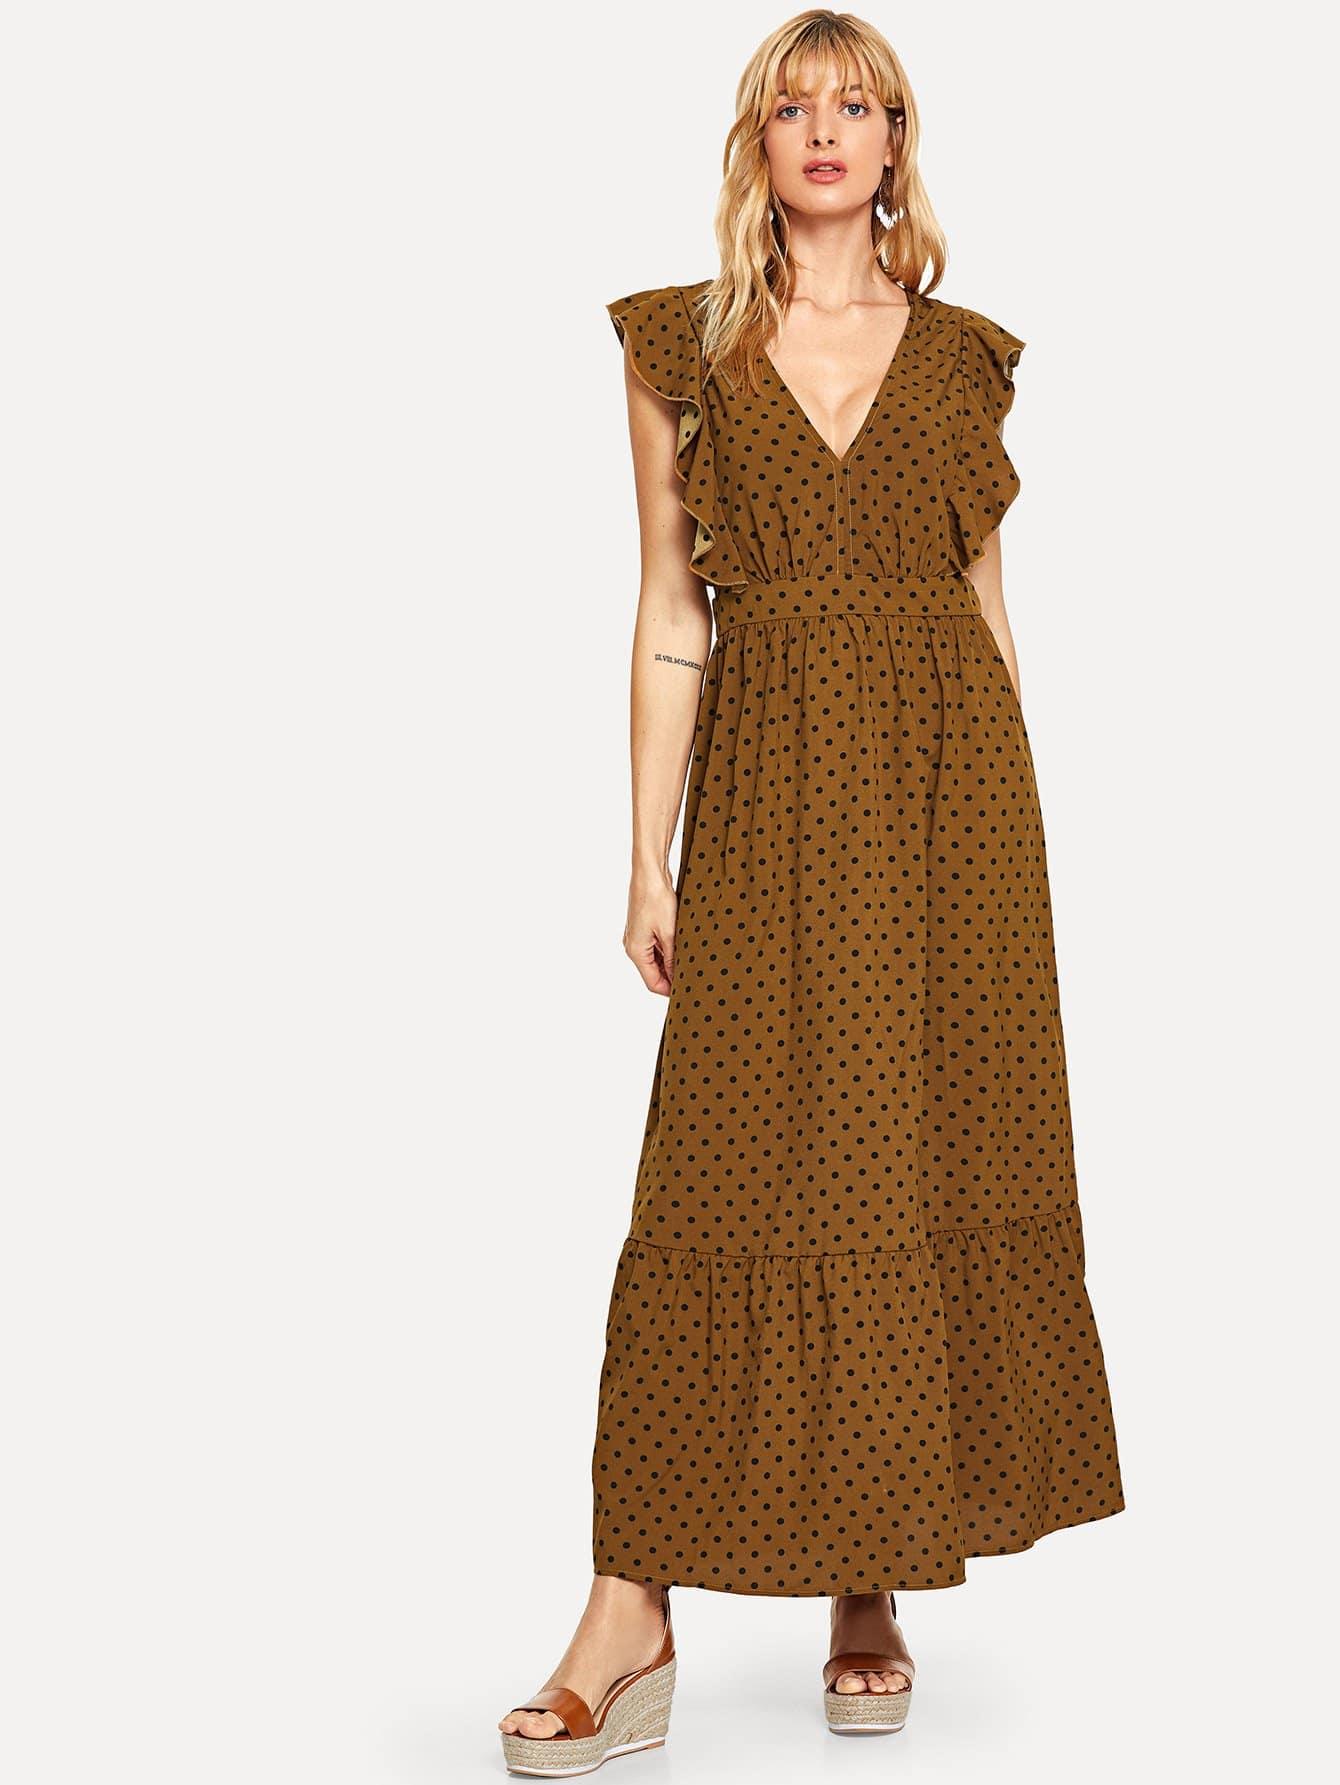 Платье для девочки, Masha, SheIn  - купить со скидкой